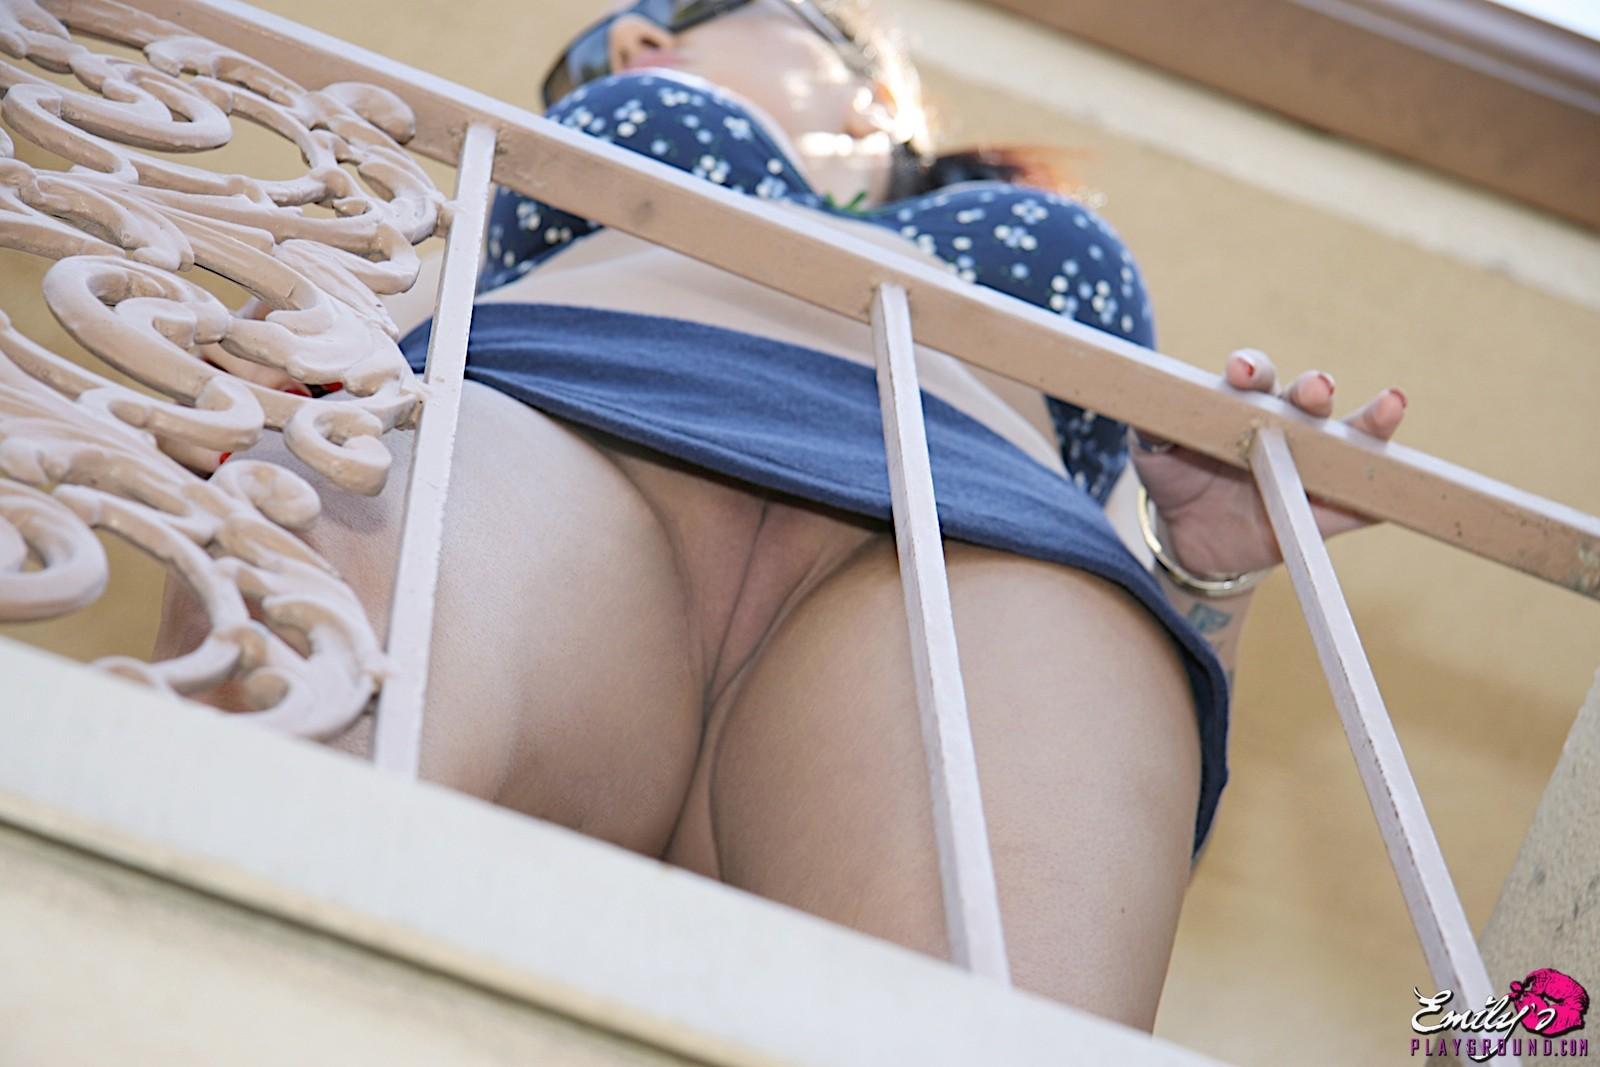 Сосет смотреть порно на балконе без трусиков раком